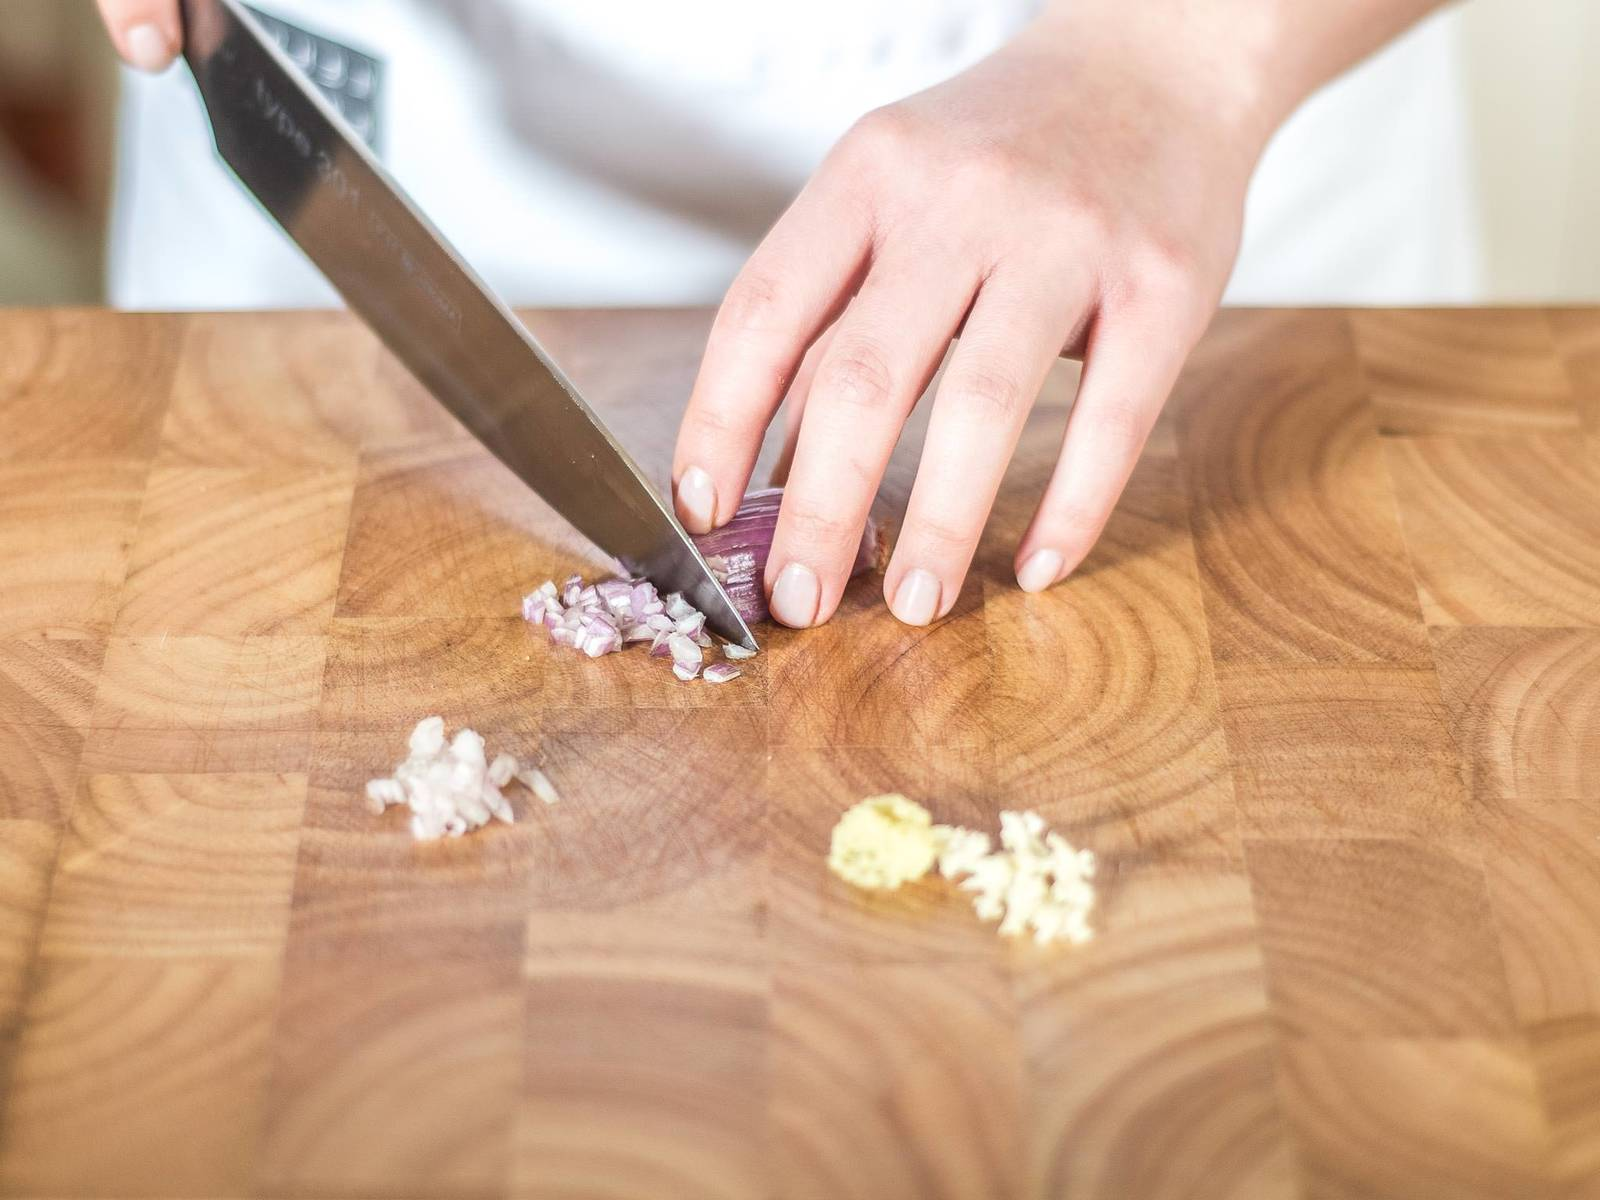 Erbsen auftauen lassen. Chilischote entkernen und fein hacken. Ingwer fein reiben. Knoblauch und Schalotte fein würfeln.